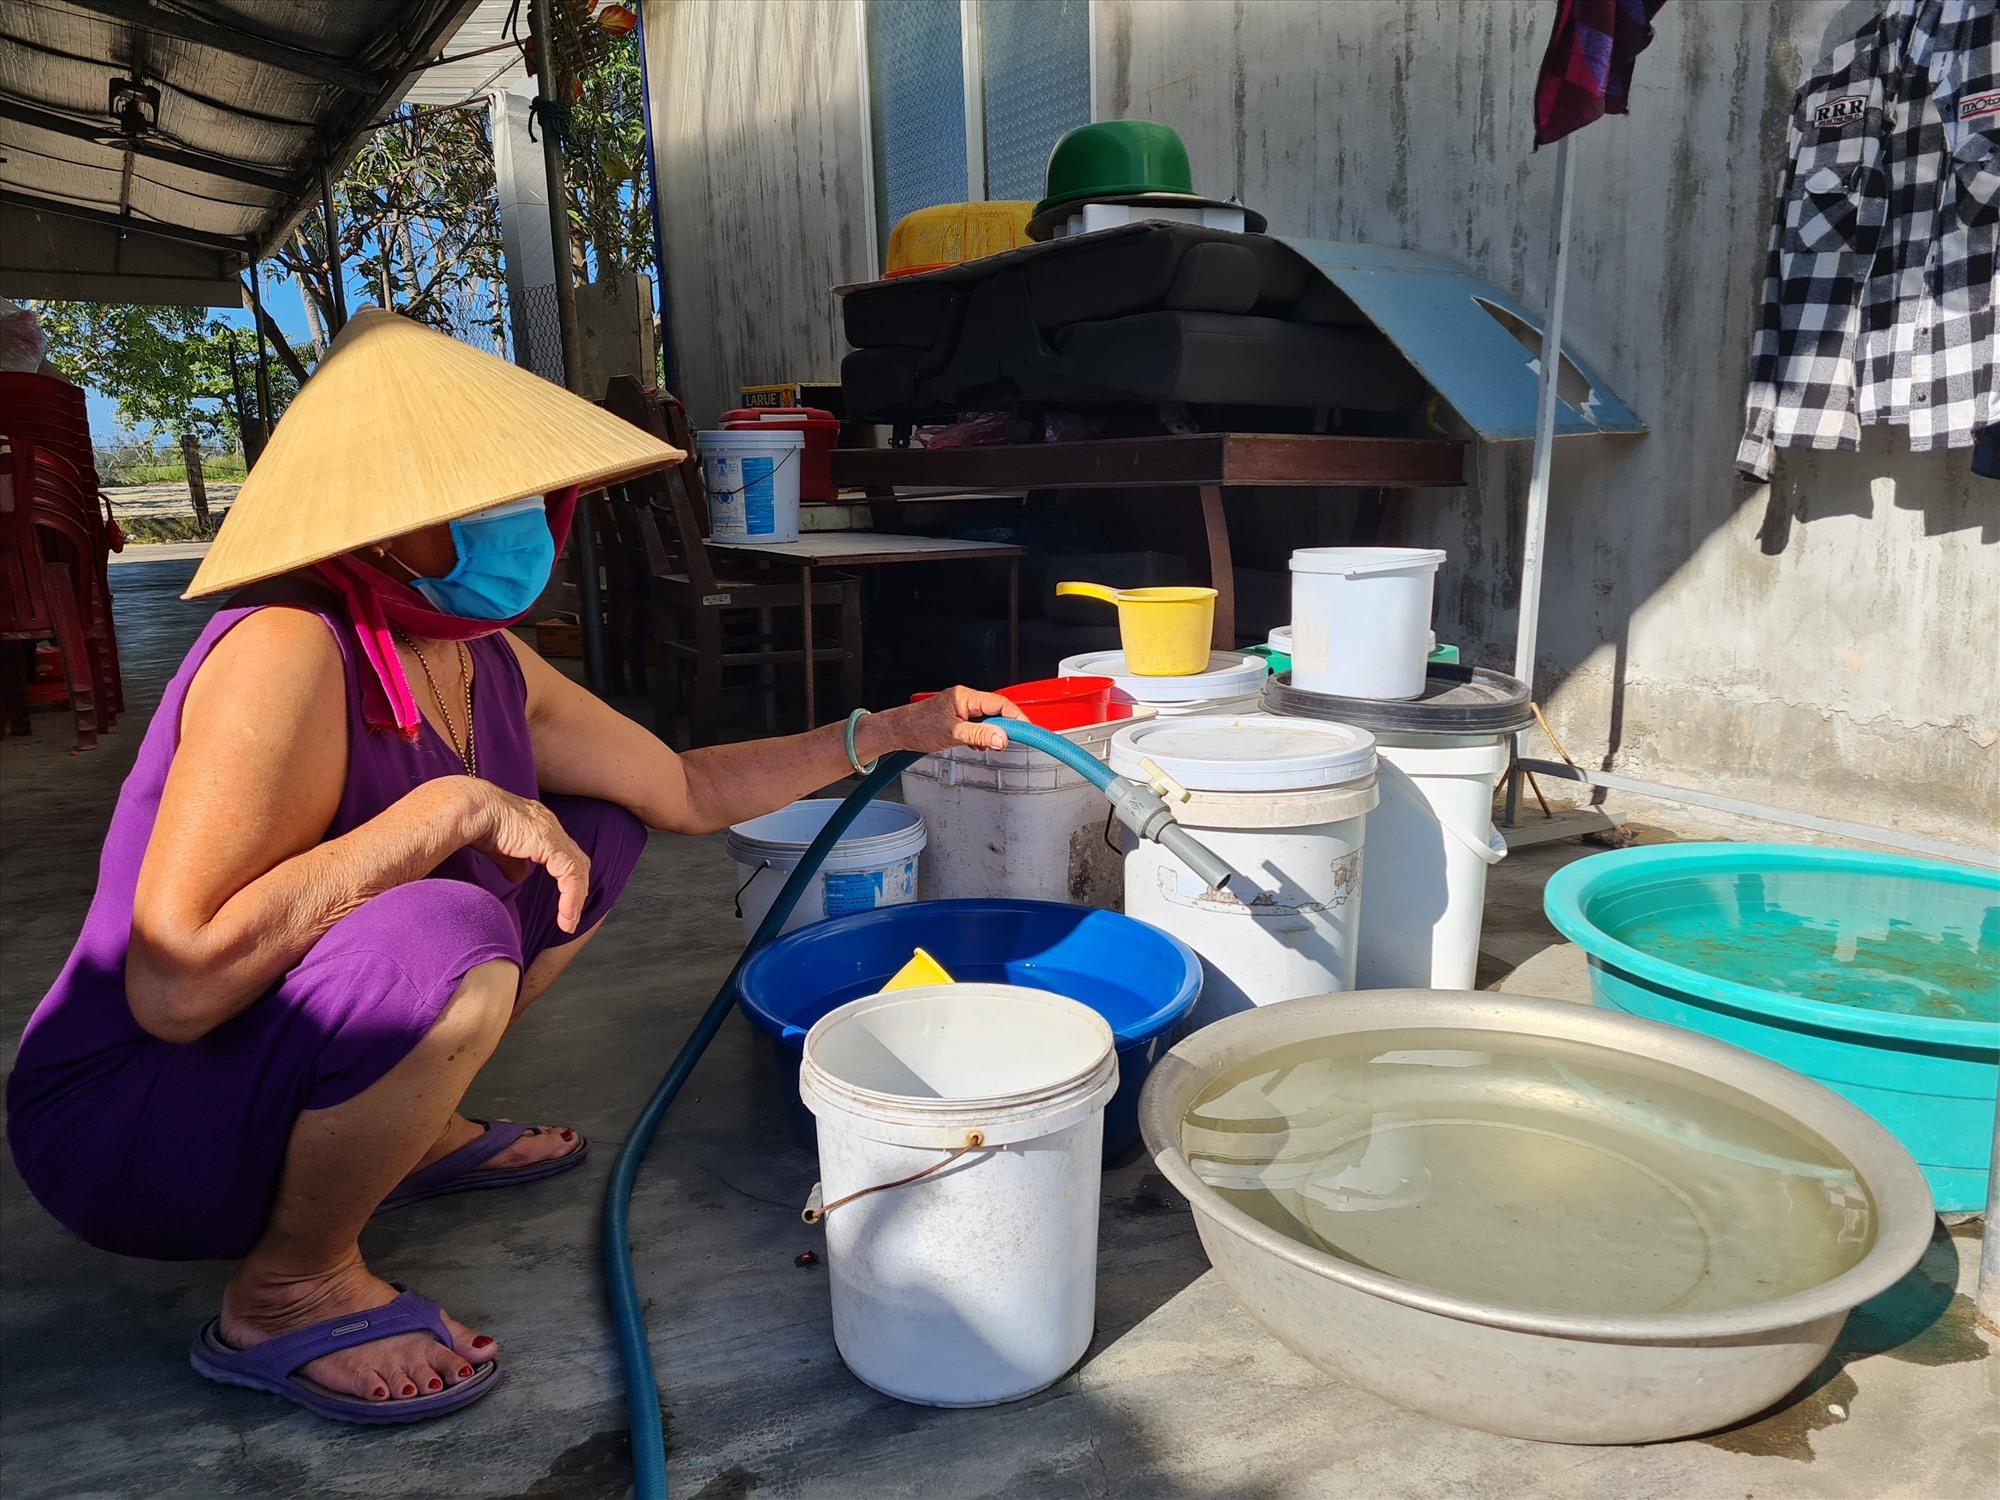 Nhiều hộ dân ở tổ 1, thôn Hòa Bình, xã Tam Hòa phải túc trực để bơm nước chứa vào các xô, thau để dành sử dụng song nguồn nước lúc có lúc không do ở xa nguồn. Ảnh: H.L